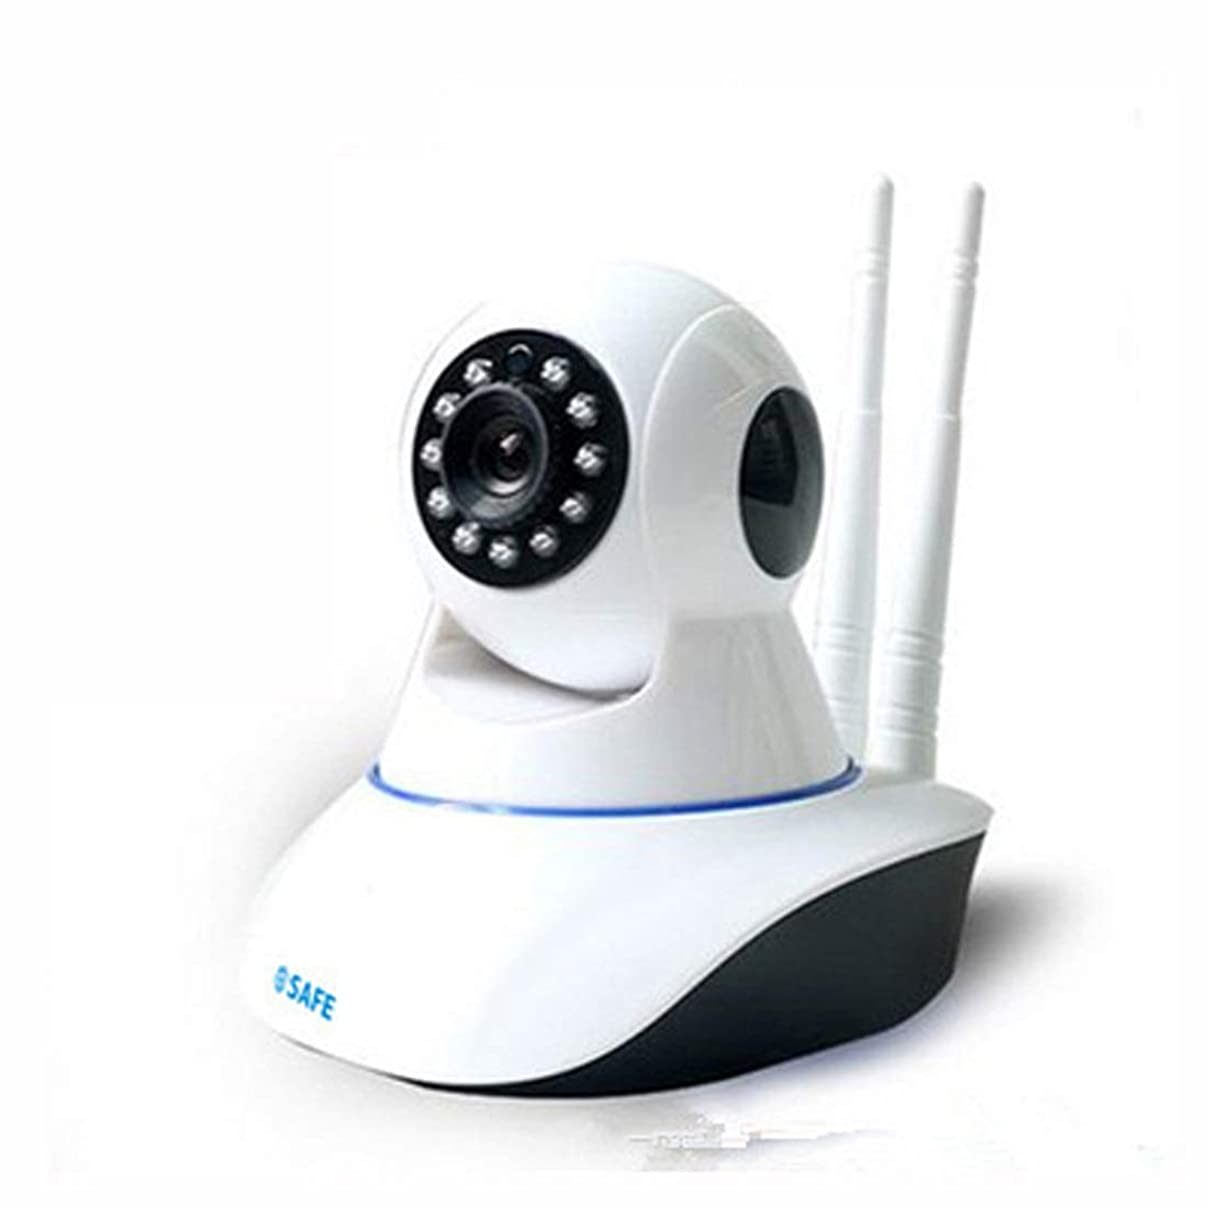 角度ロードされた比類のないYESONEEP 赤ん坊/ペット/乳母のモニターのためのスマートな家の無線電信のモニターのWifiのカメラのモバイルコンピュータの監視カメラ